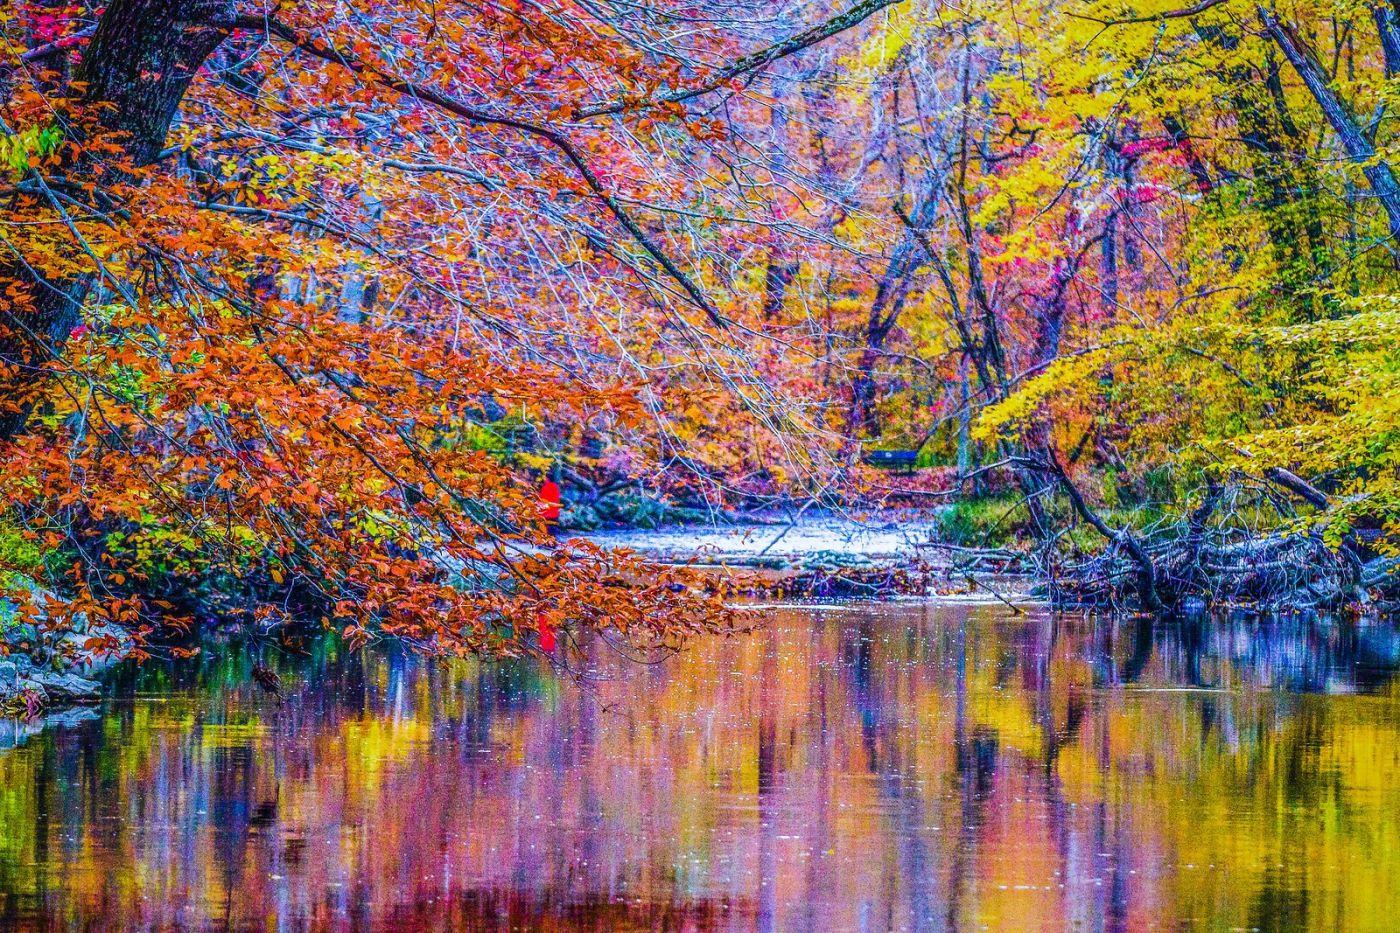 宾州雷德利克里克公园(Ridley creek park),如梦的画面_图1-18